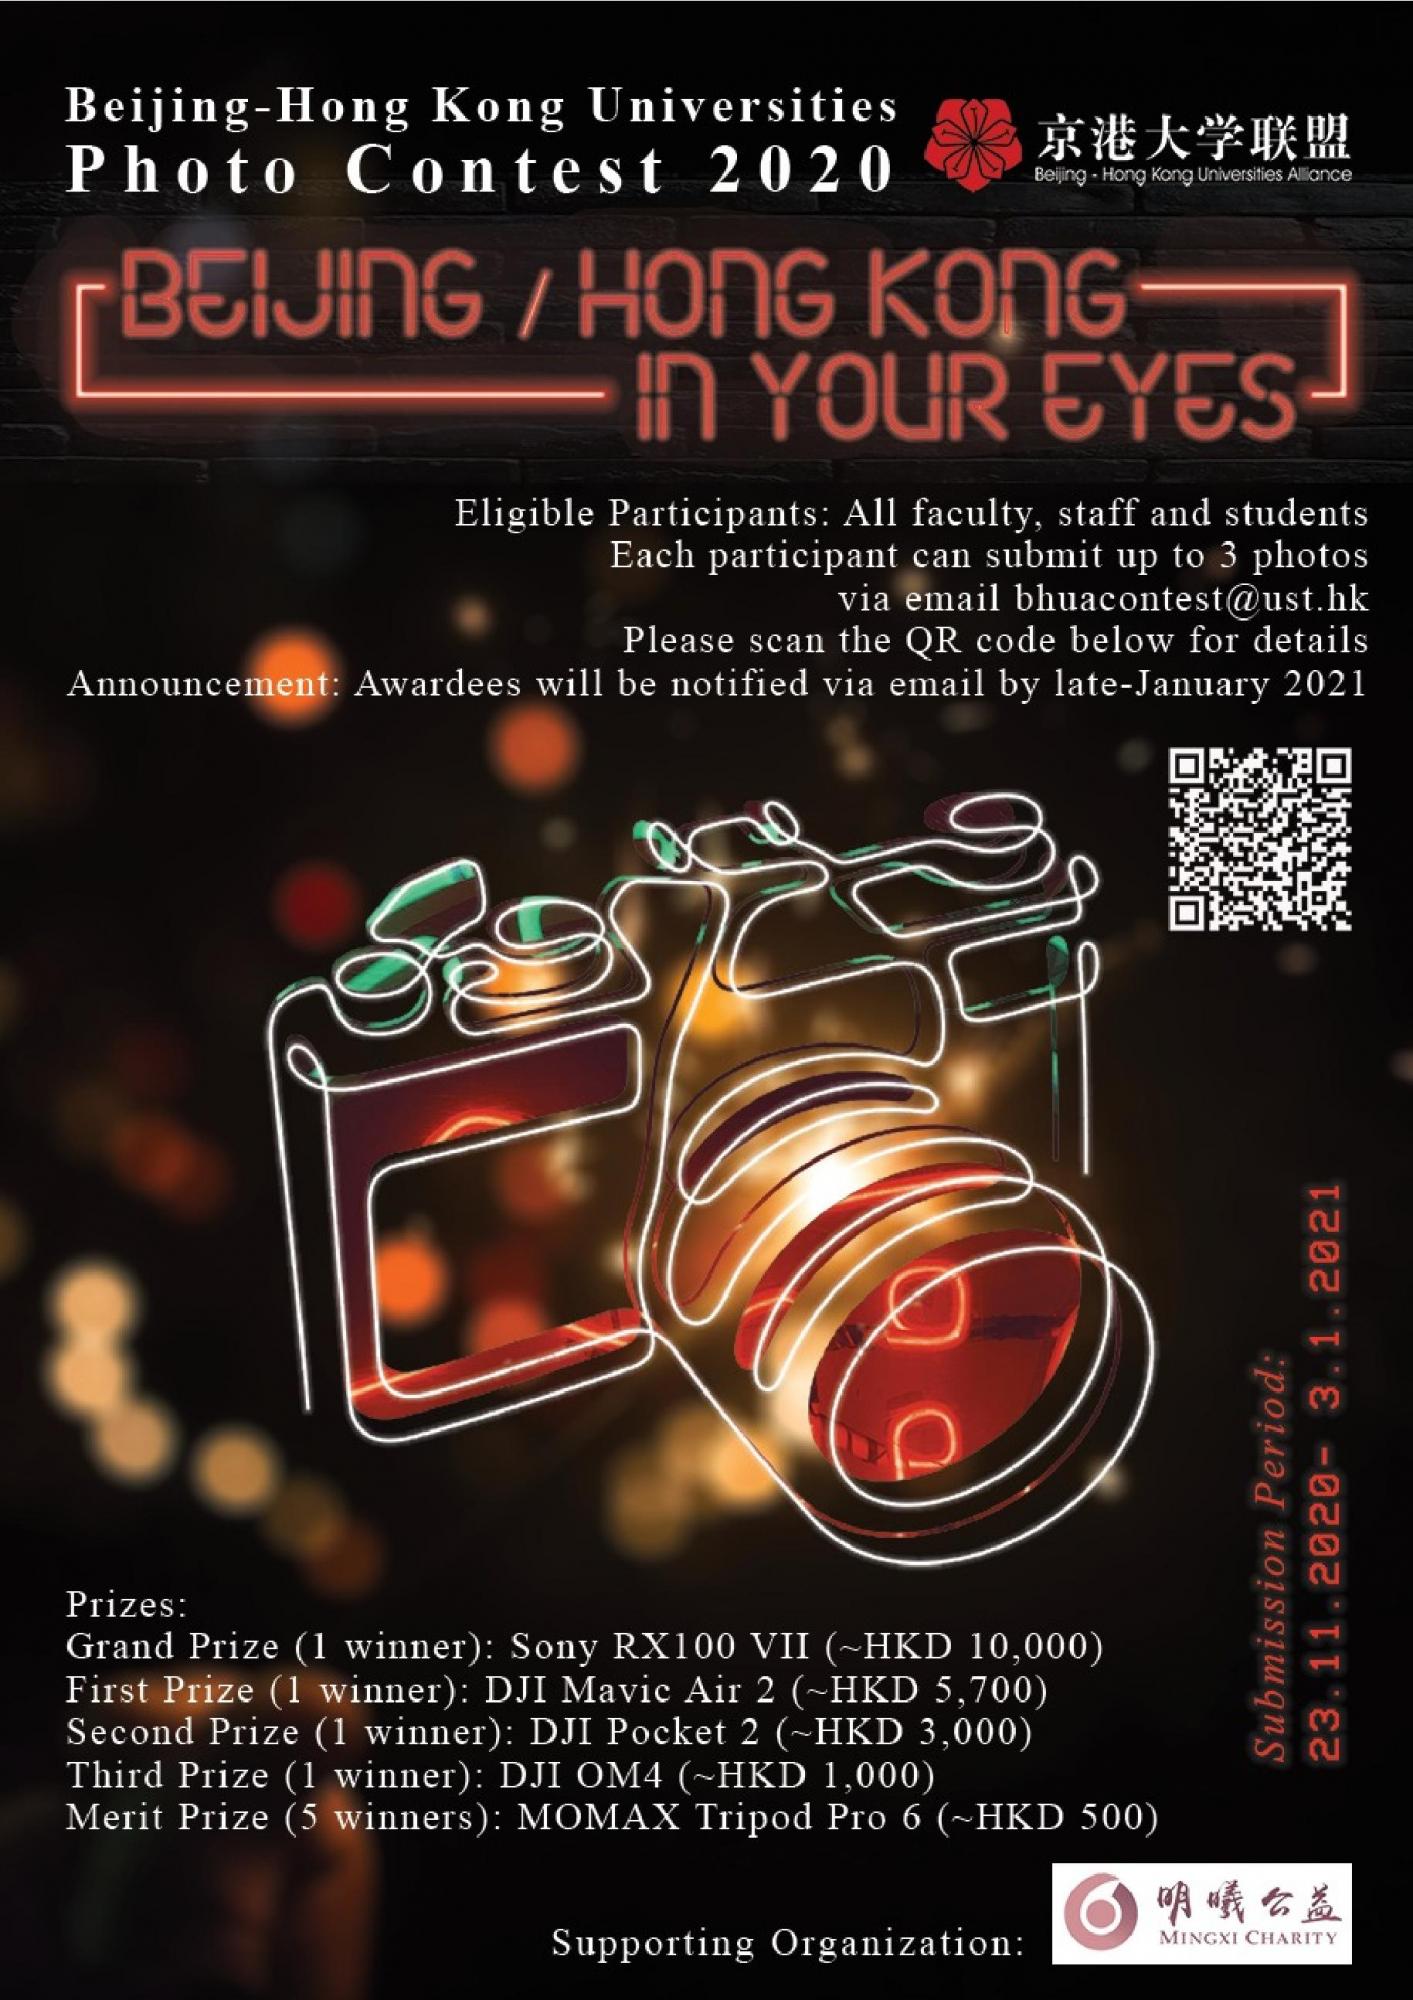 京港大學攝影比賽